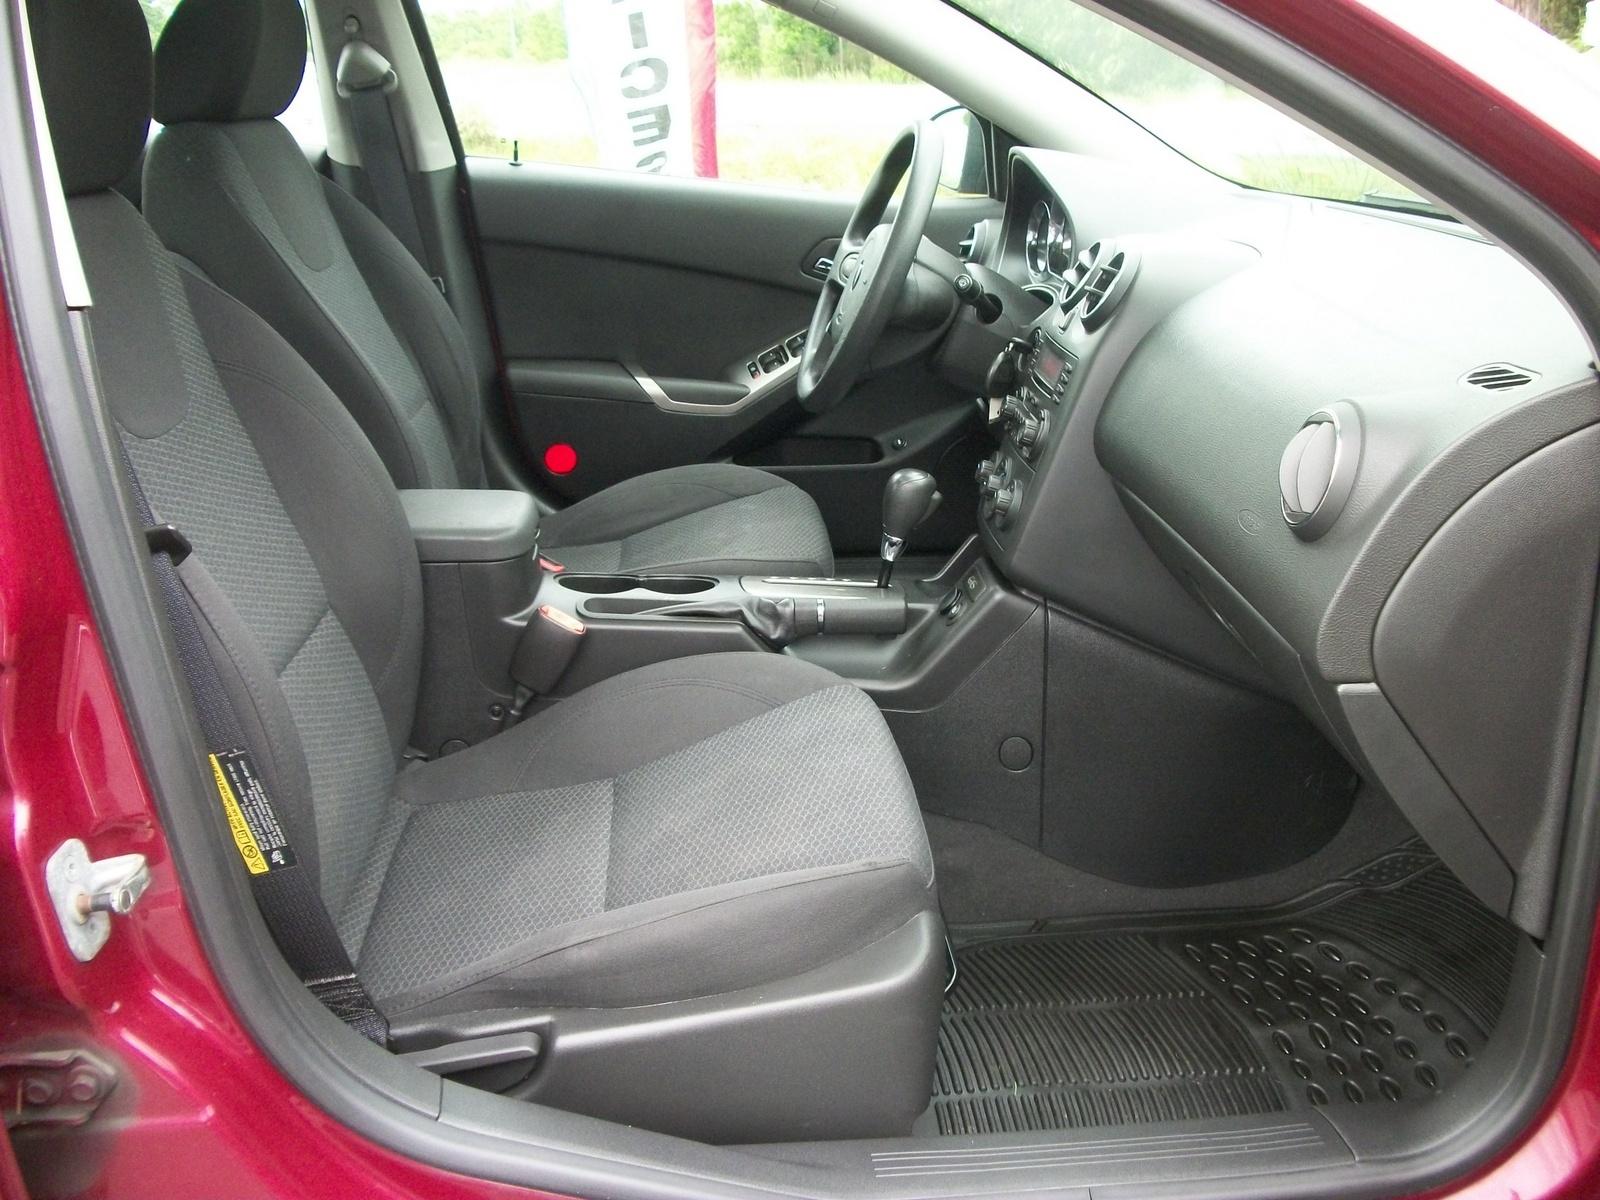 2005 Pontiac G6 Pictures Cargurus